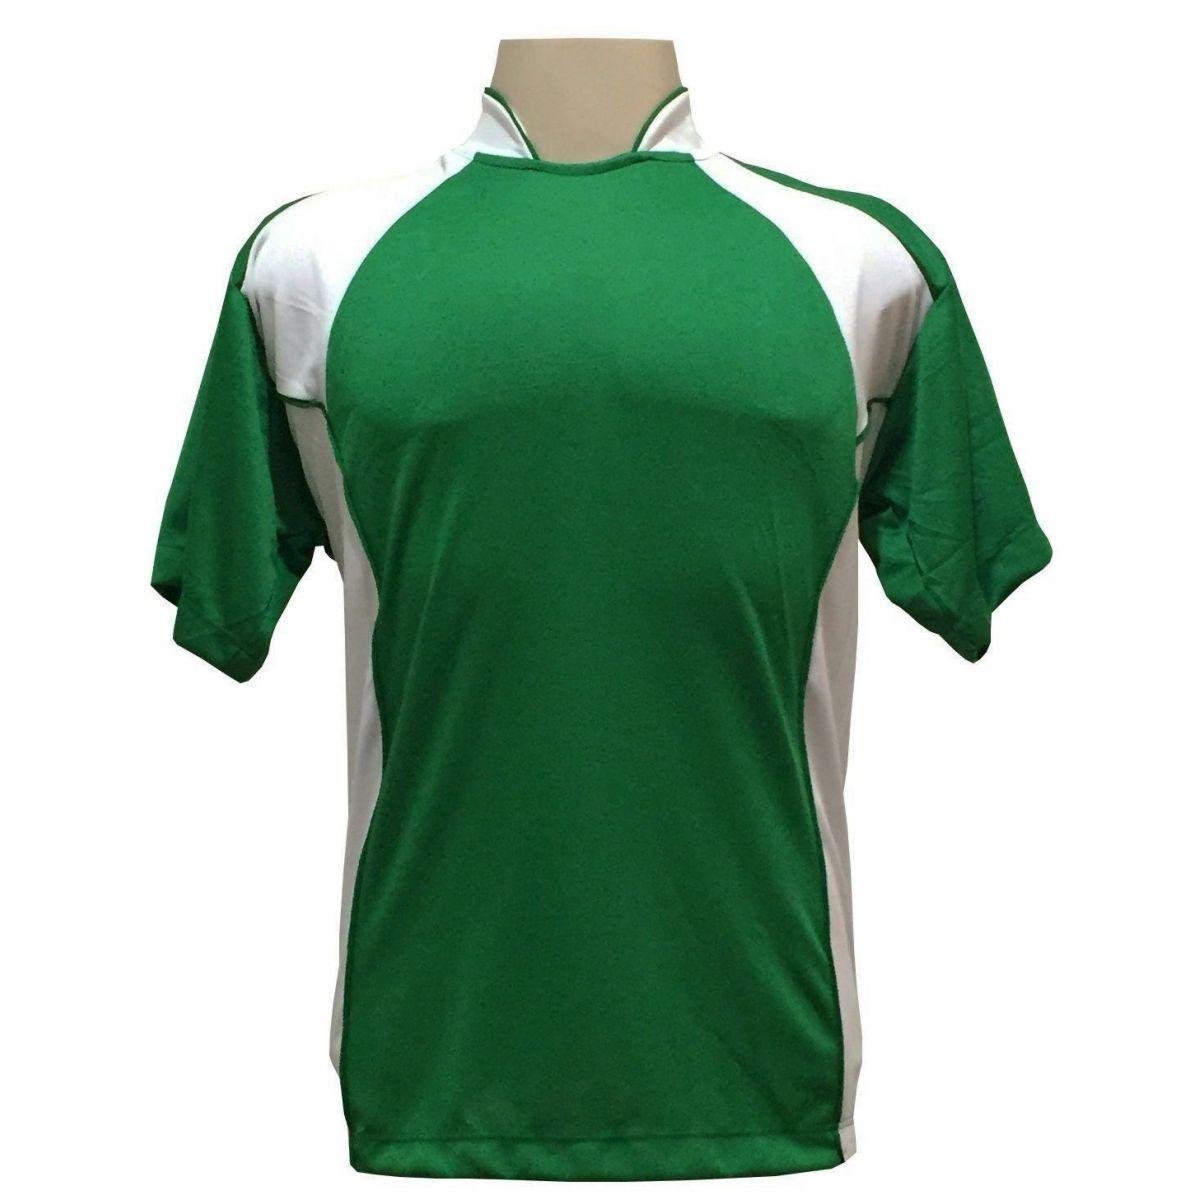 Jogo de Camisa com 14 unidades modelo Suécia Verde/Branco